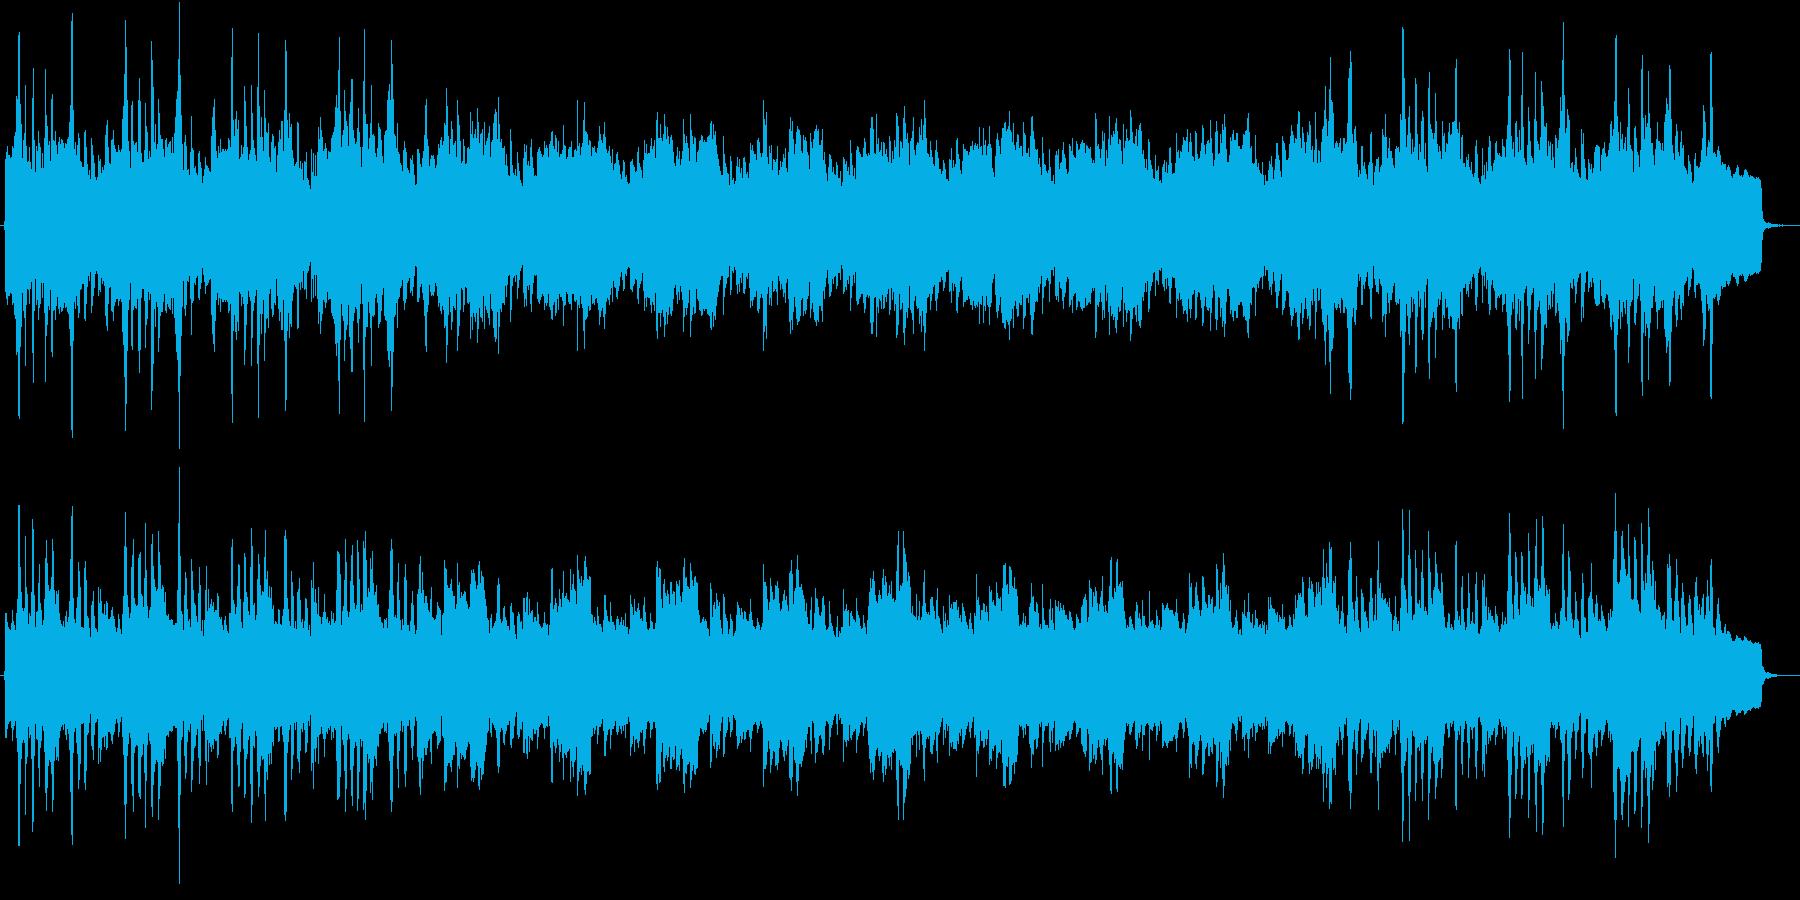 シンセベースが印象的なミニマル風ジングルの再生済みの波形